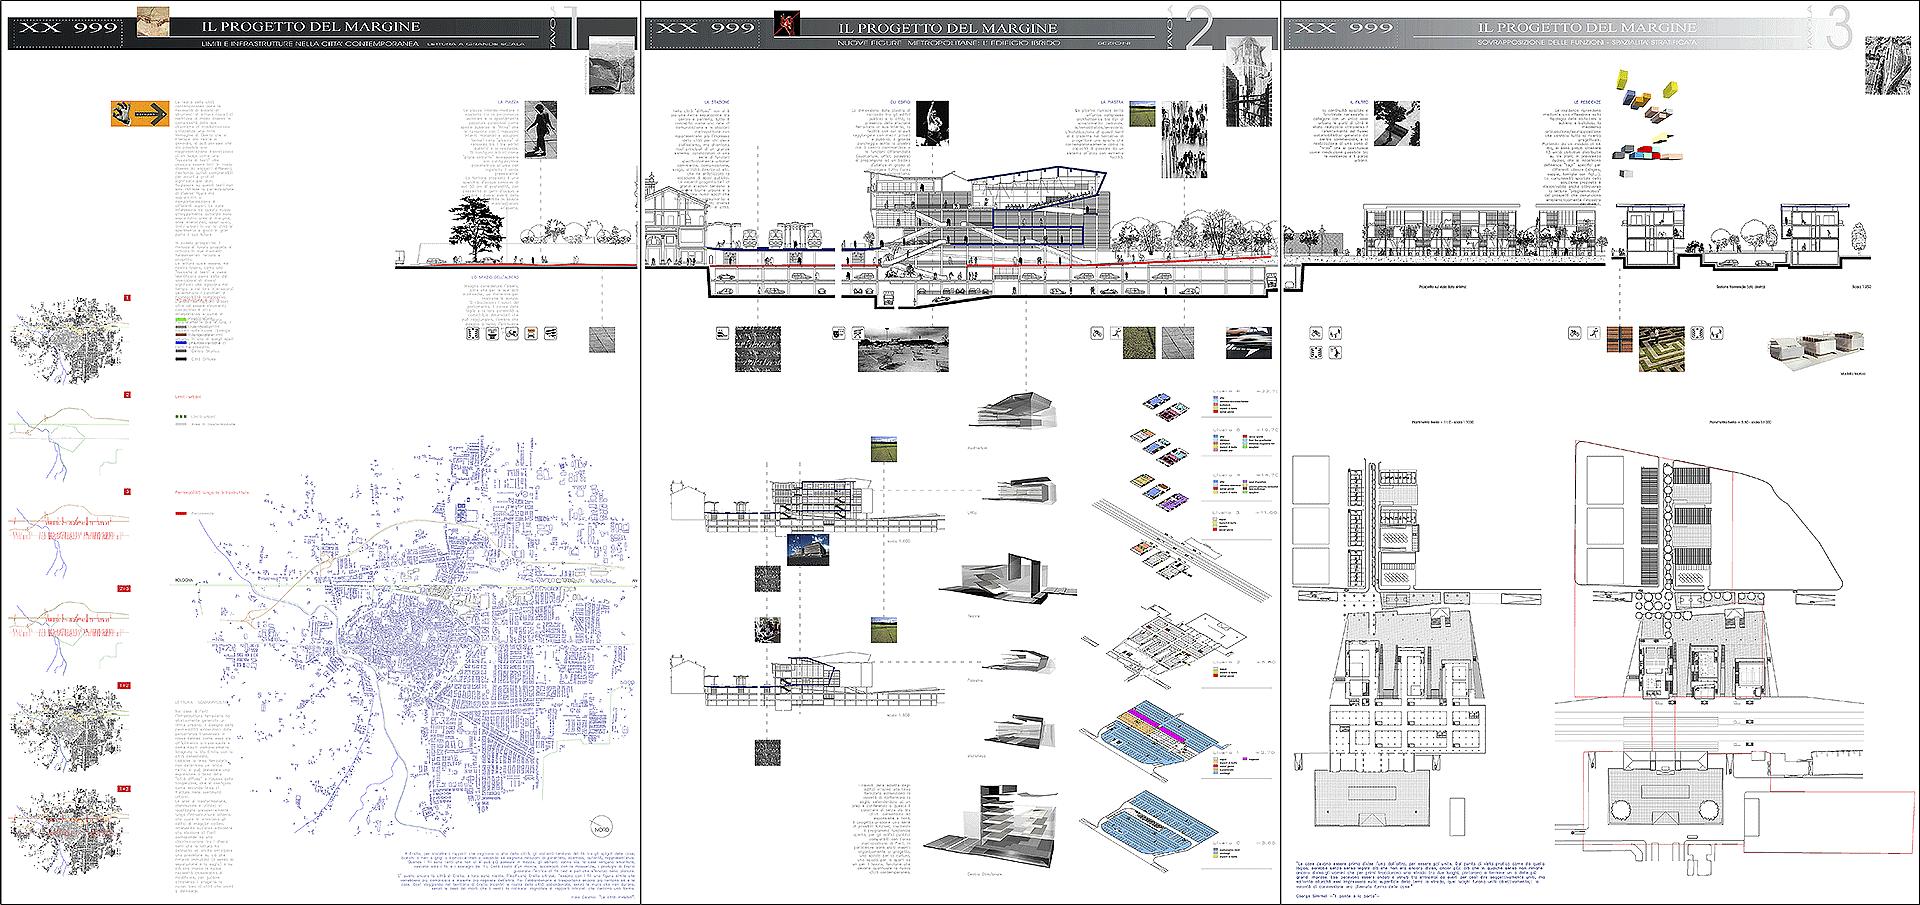 Concorso europan 6 alessio costanzo architetto - Tavole di concorso architettura ...